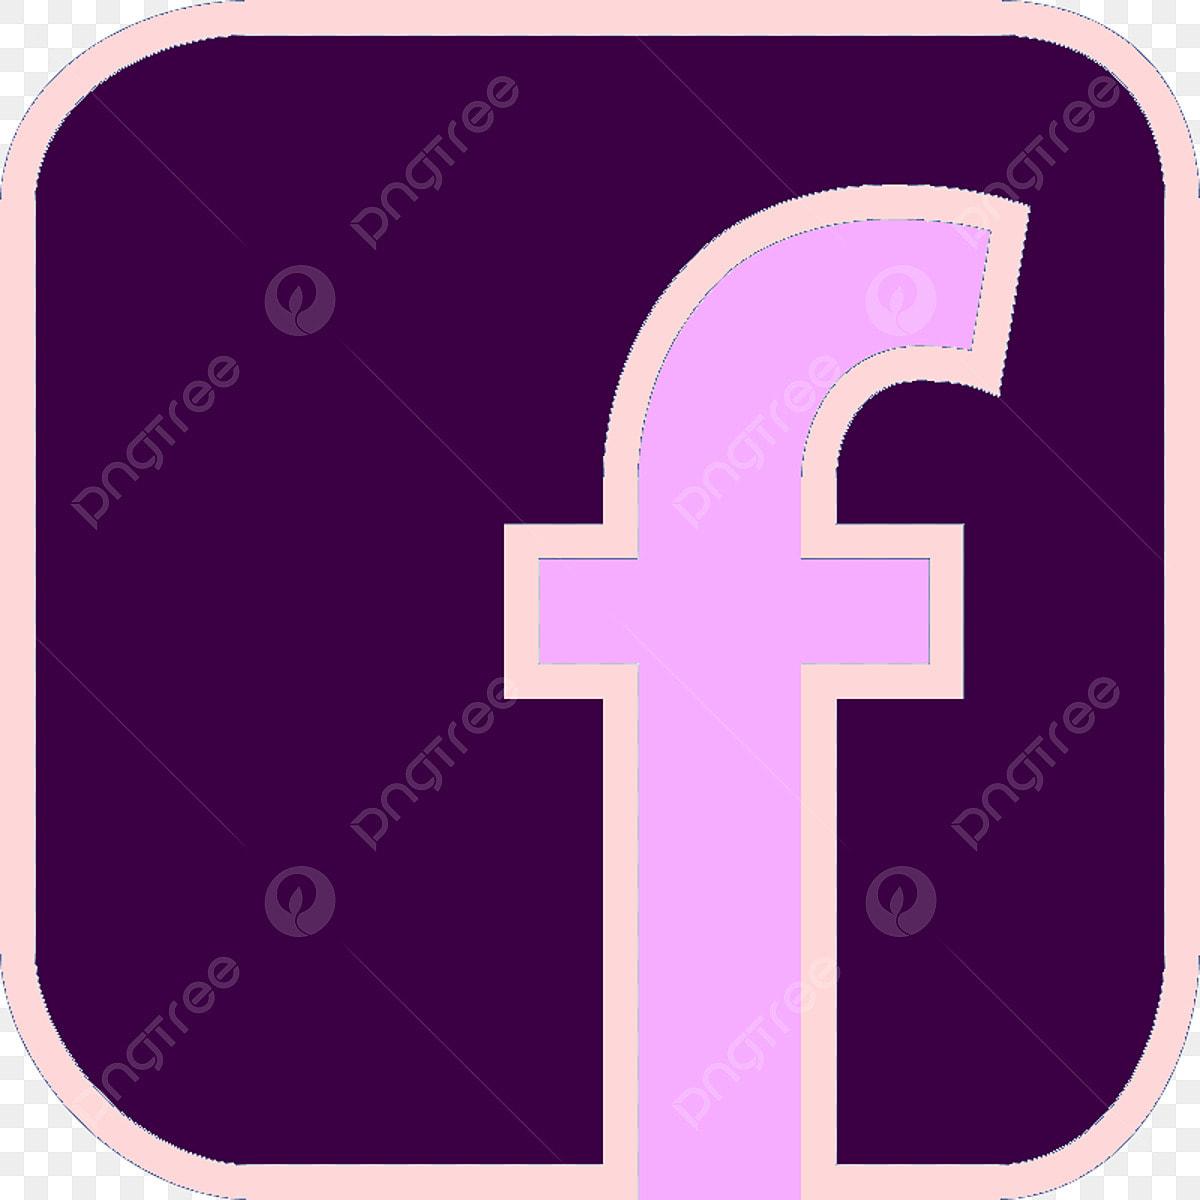 ايقونة فيس بوك Facebook Icon Facebook Icon Pink Purple Icon